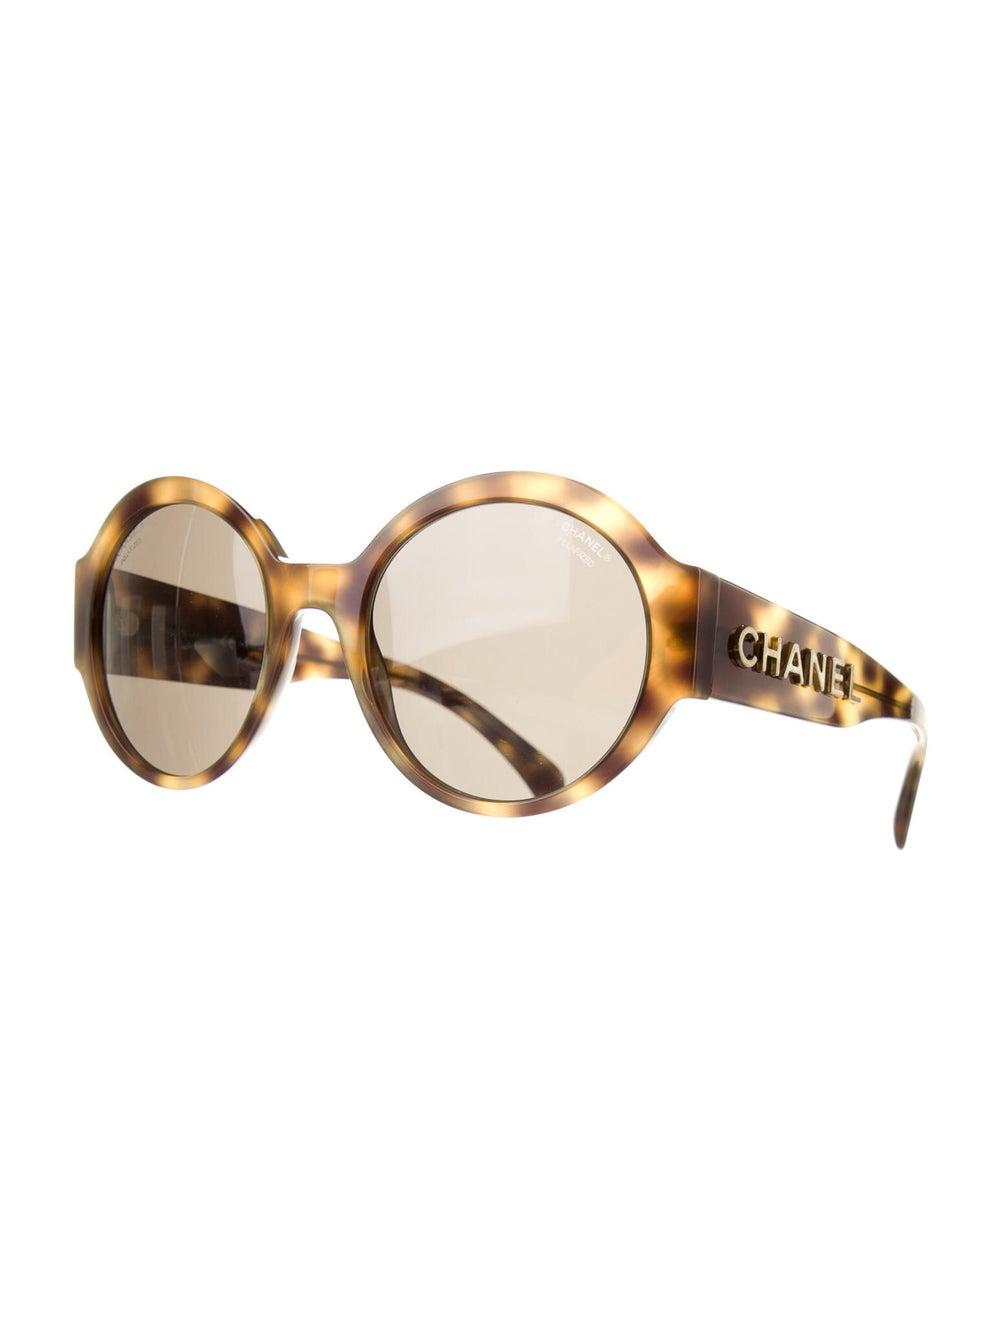 Chanel 2019 Polarized Round Logo Oversize Sunglas… - image 2